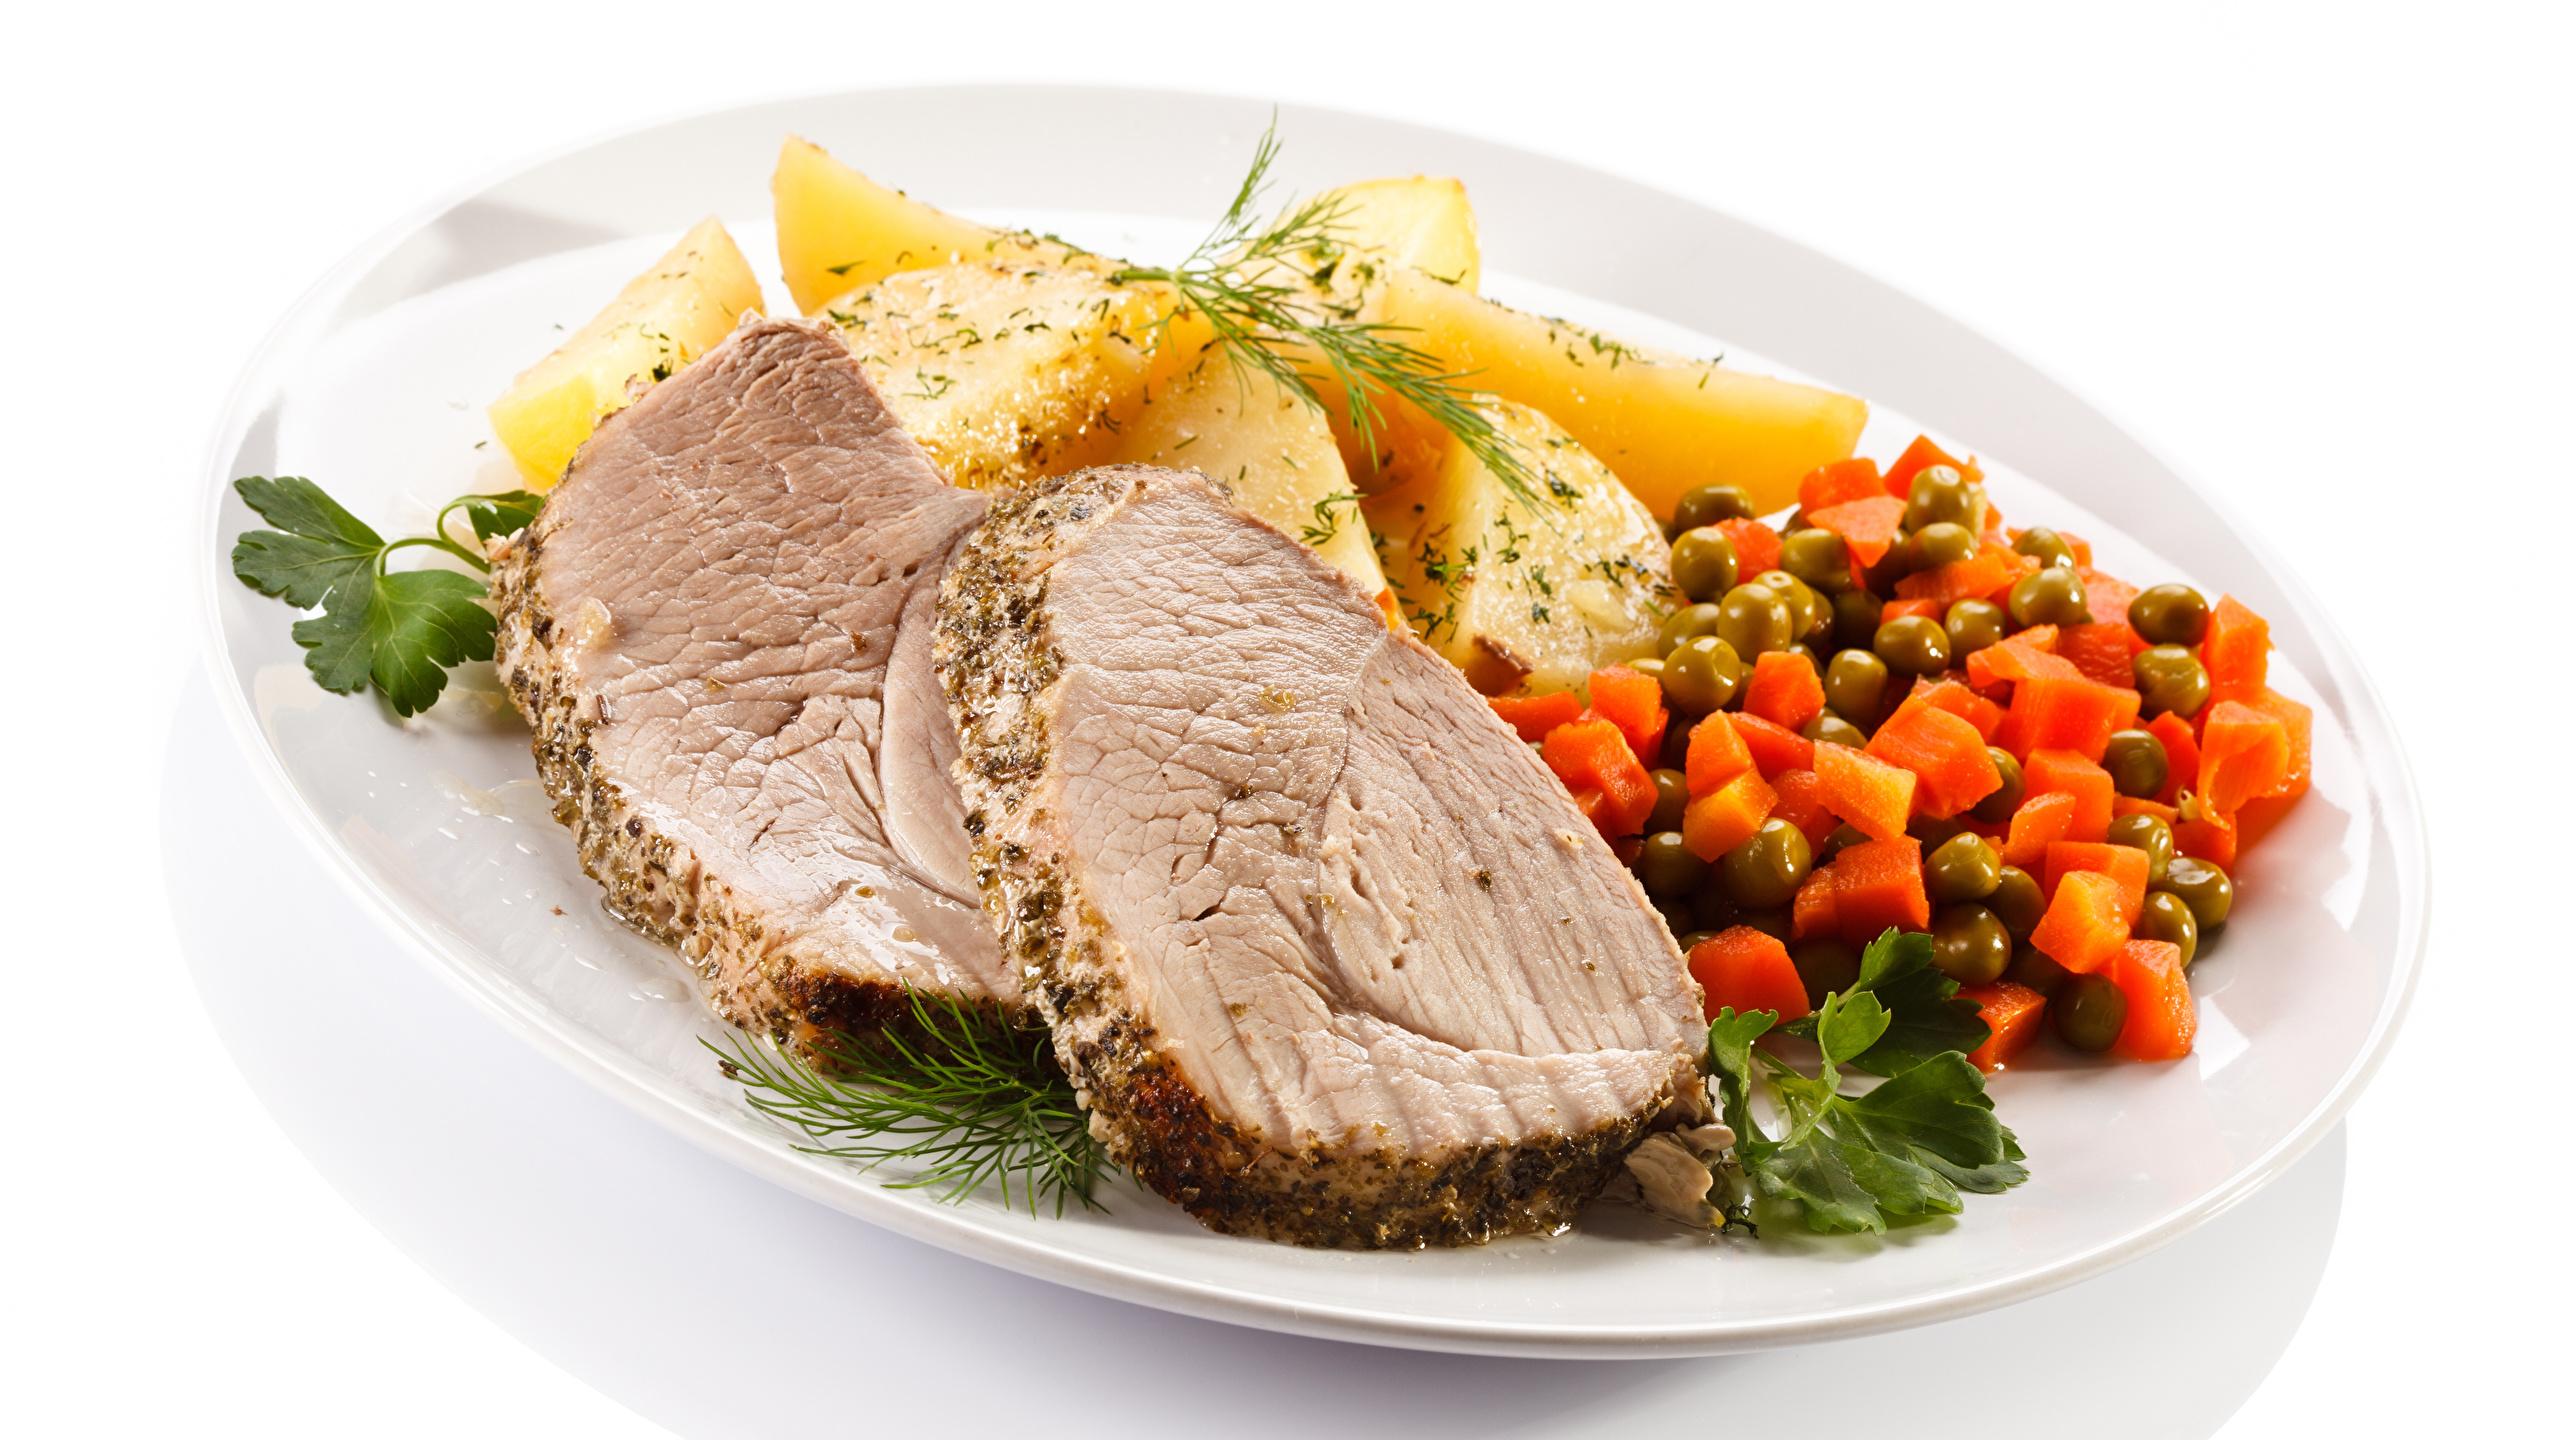 Фото Картофель Еда Овощи Тарелка белым фоном Мясные продукты Вторые блюда 2560x1440 картошка Пища тарелке Продукты питания Белый фон белом фоне